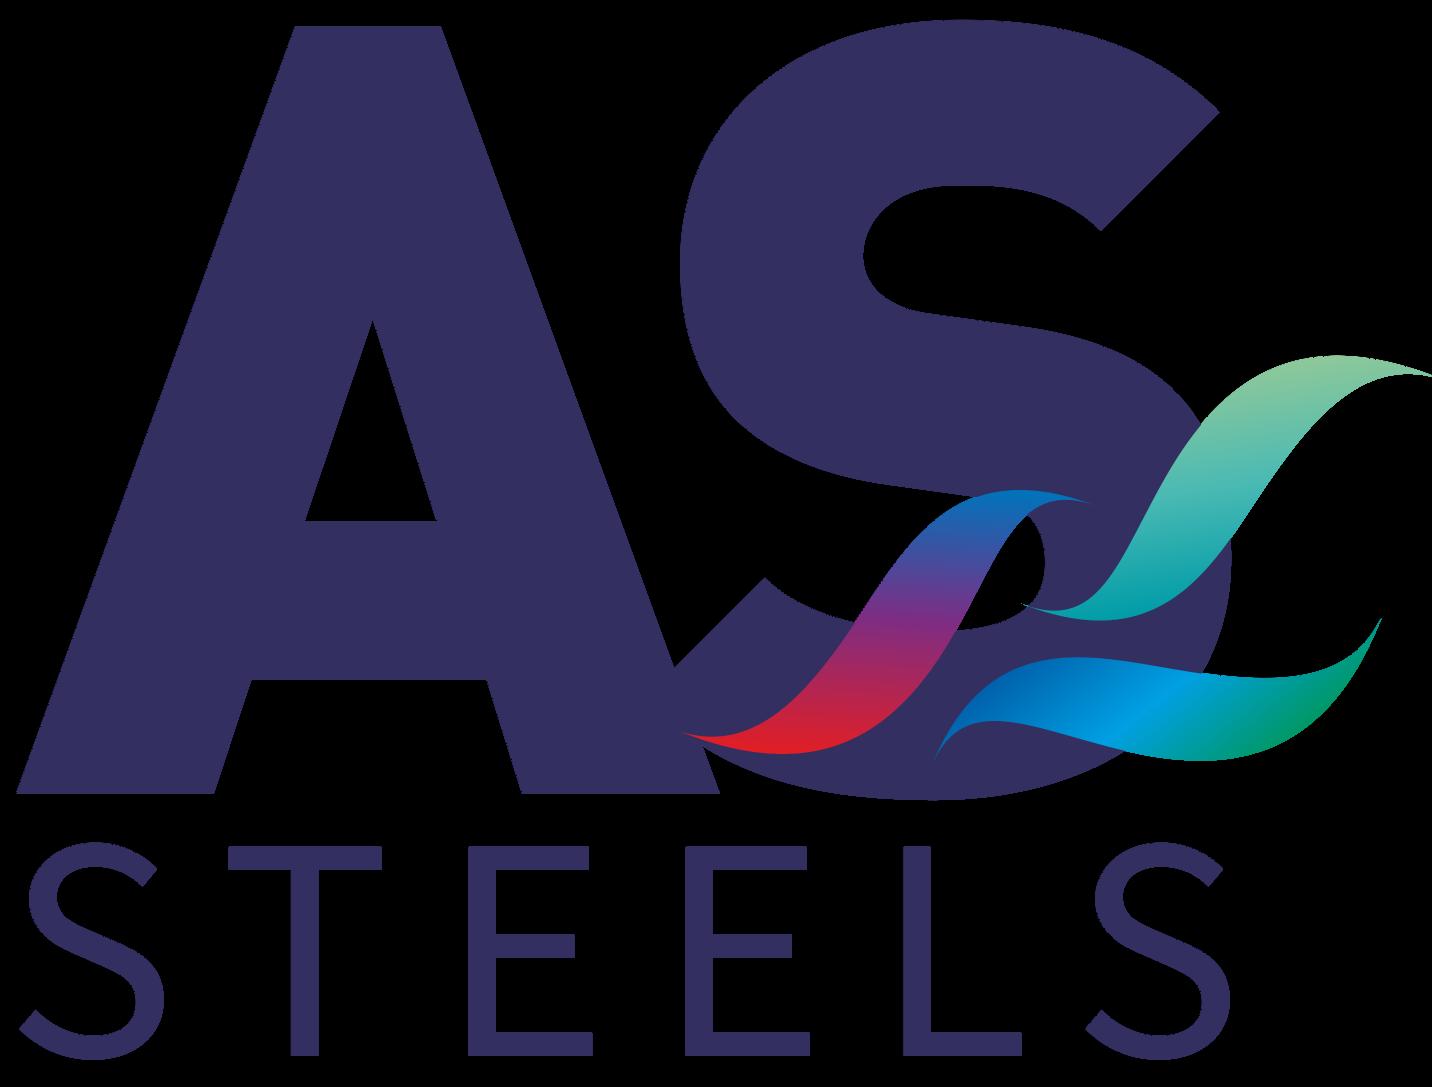 AS Steels